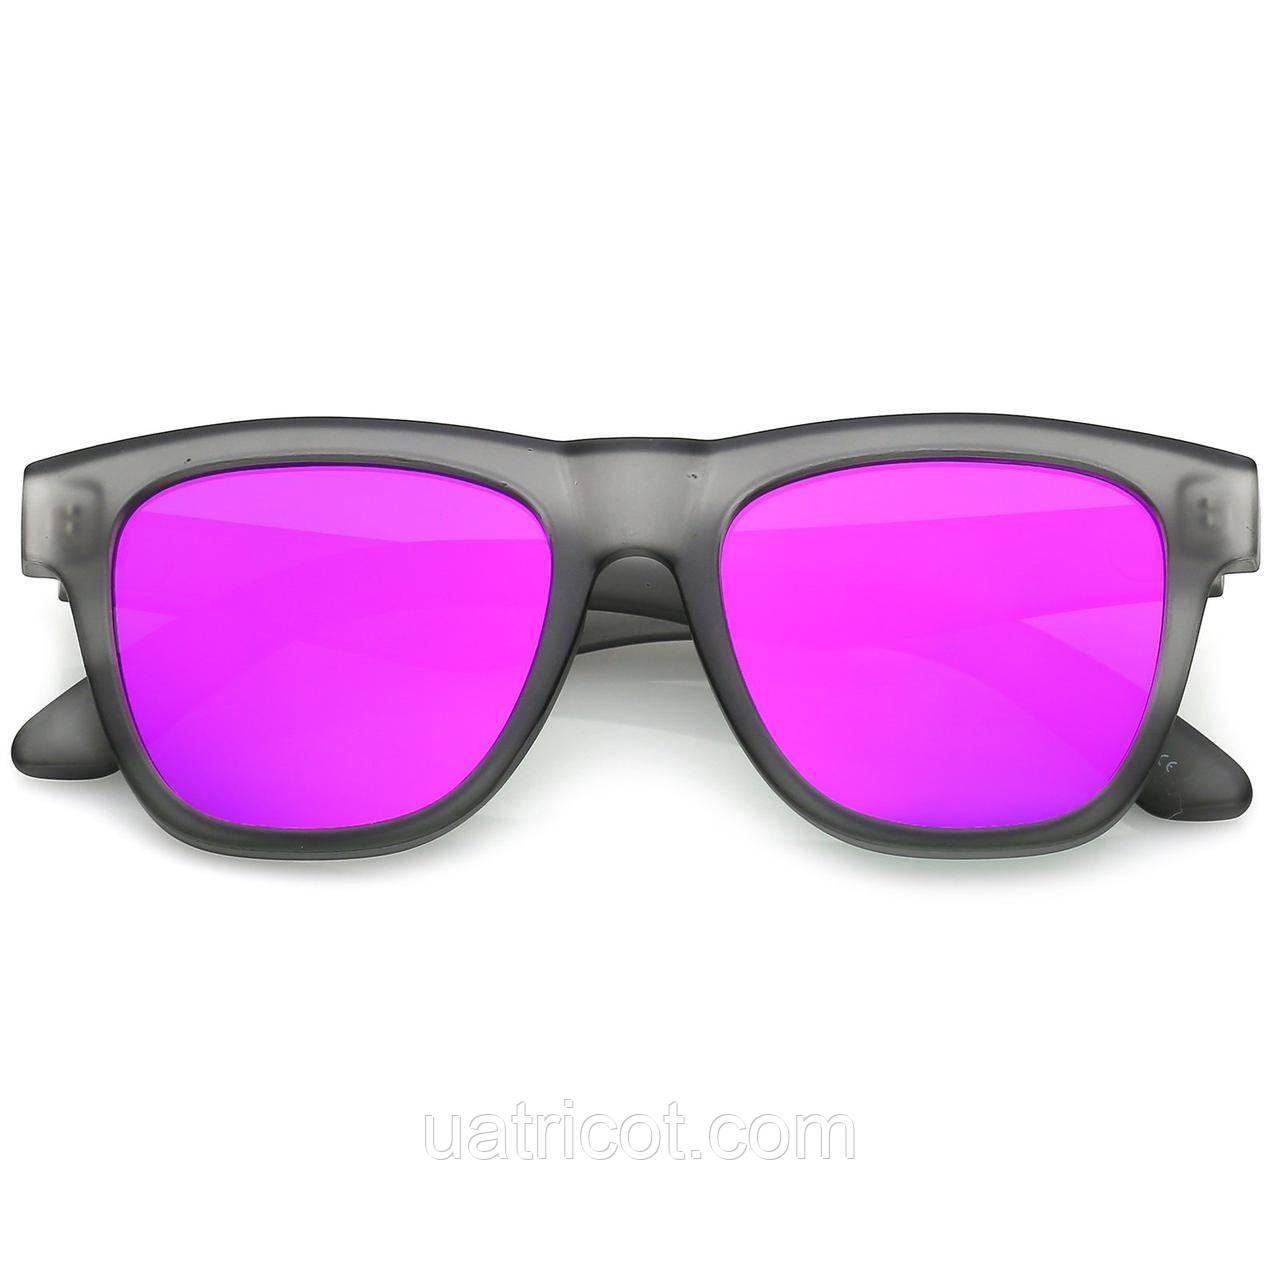 Мужские классические квадратные солнцезащитные очки в серой матовой оправе с малиновыми зеркальными линзами